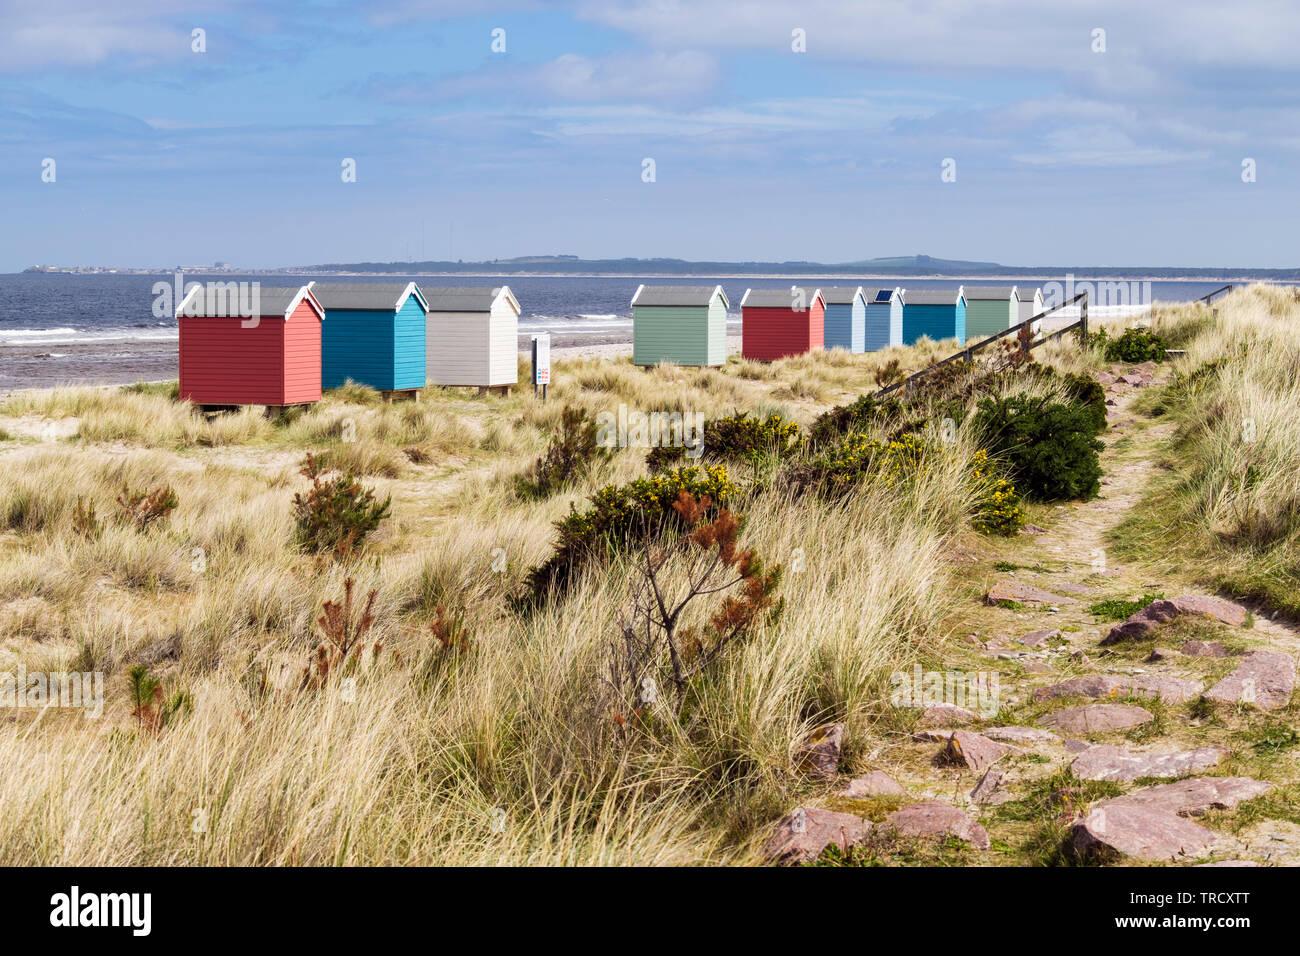 Ruta a través de las dunas de arena por encima de la playa de Findhorn con coloridas casetas de playa en la costa de Moray Firth. Findhorn, Moray, Escocia, Reino Unido, Gran Bretaña Foto de stock